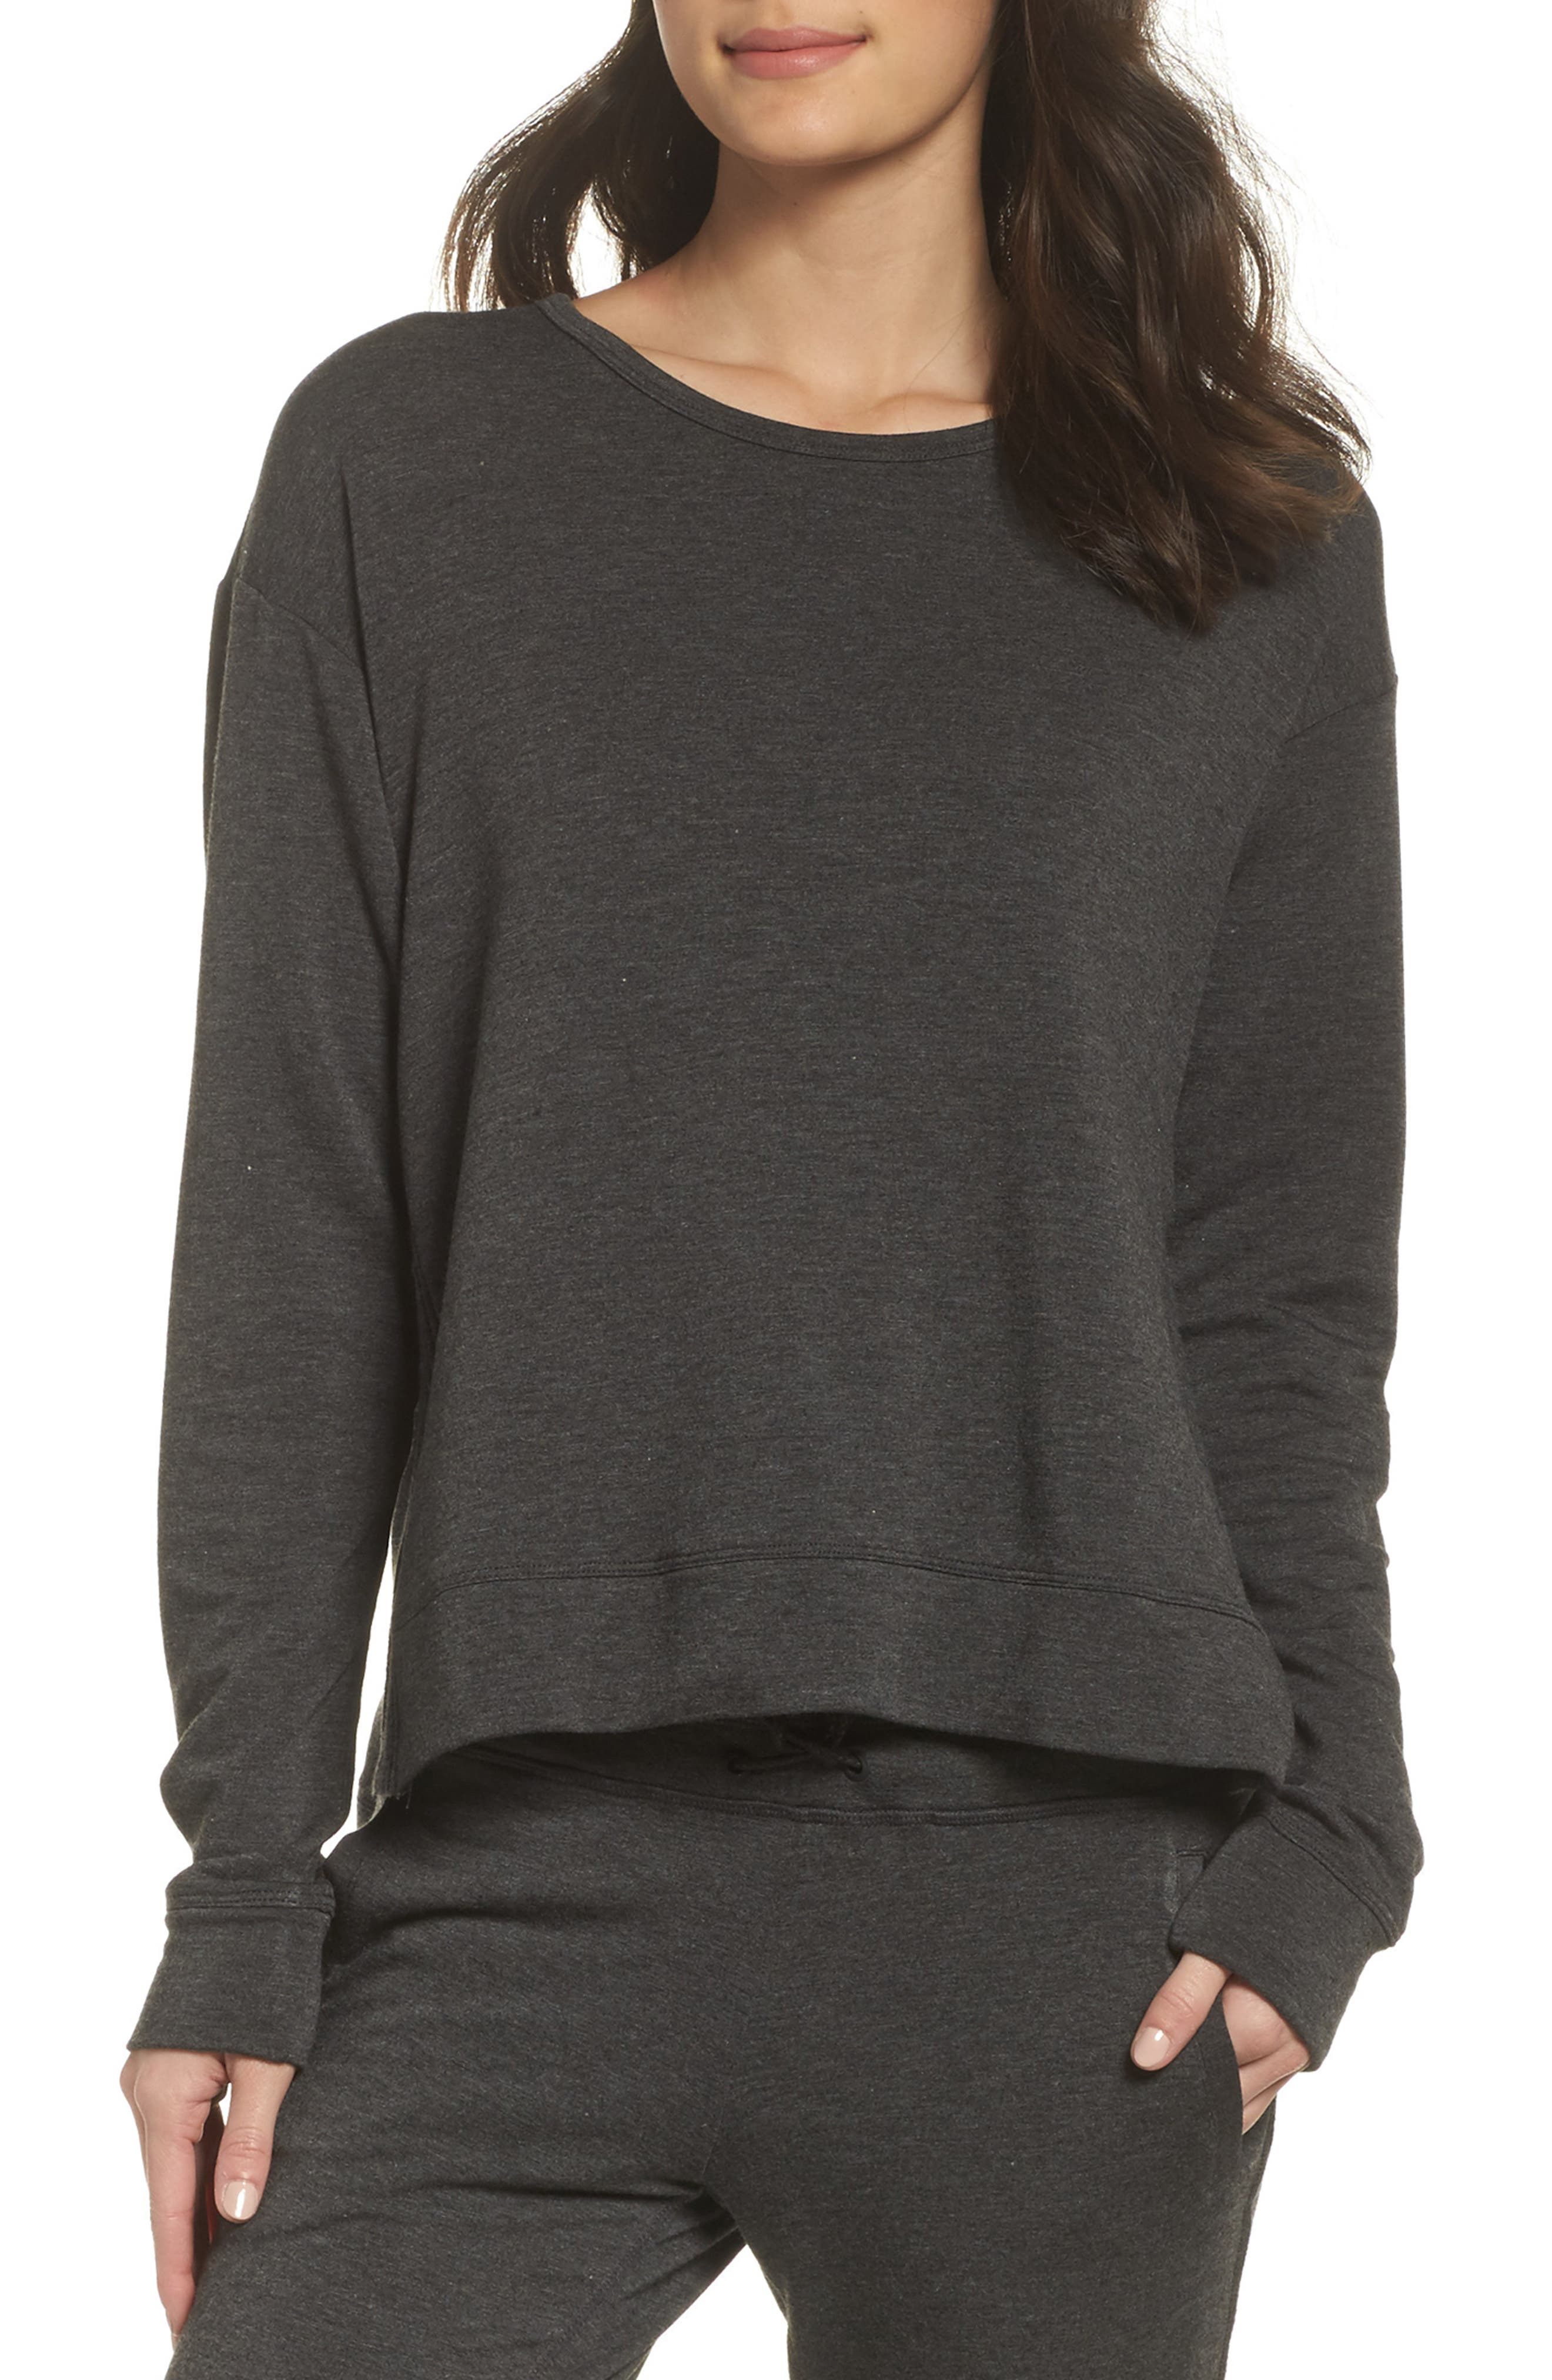 Alternate Image 1 Selected - ALALA Crane Sweatshirt